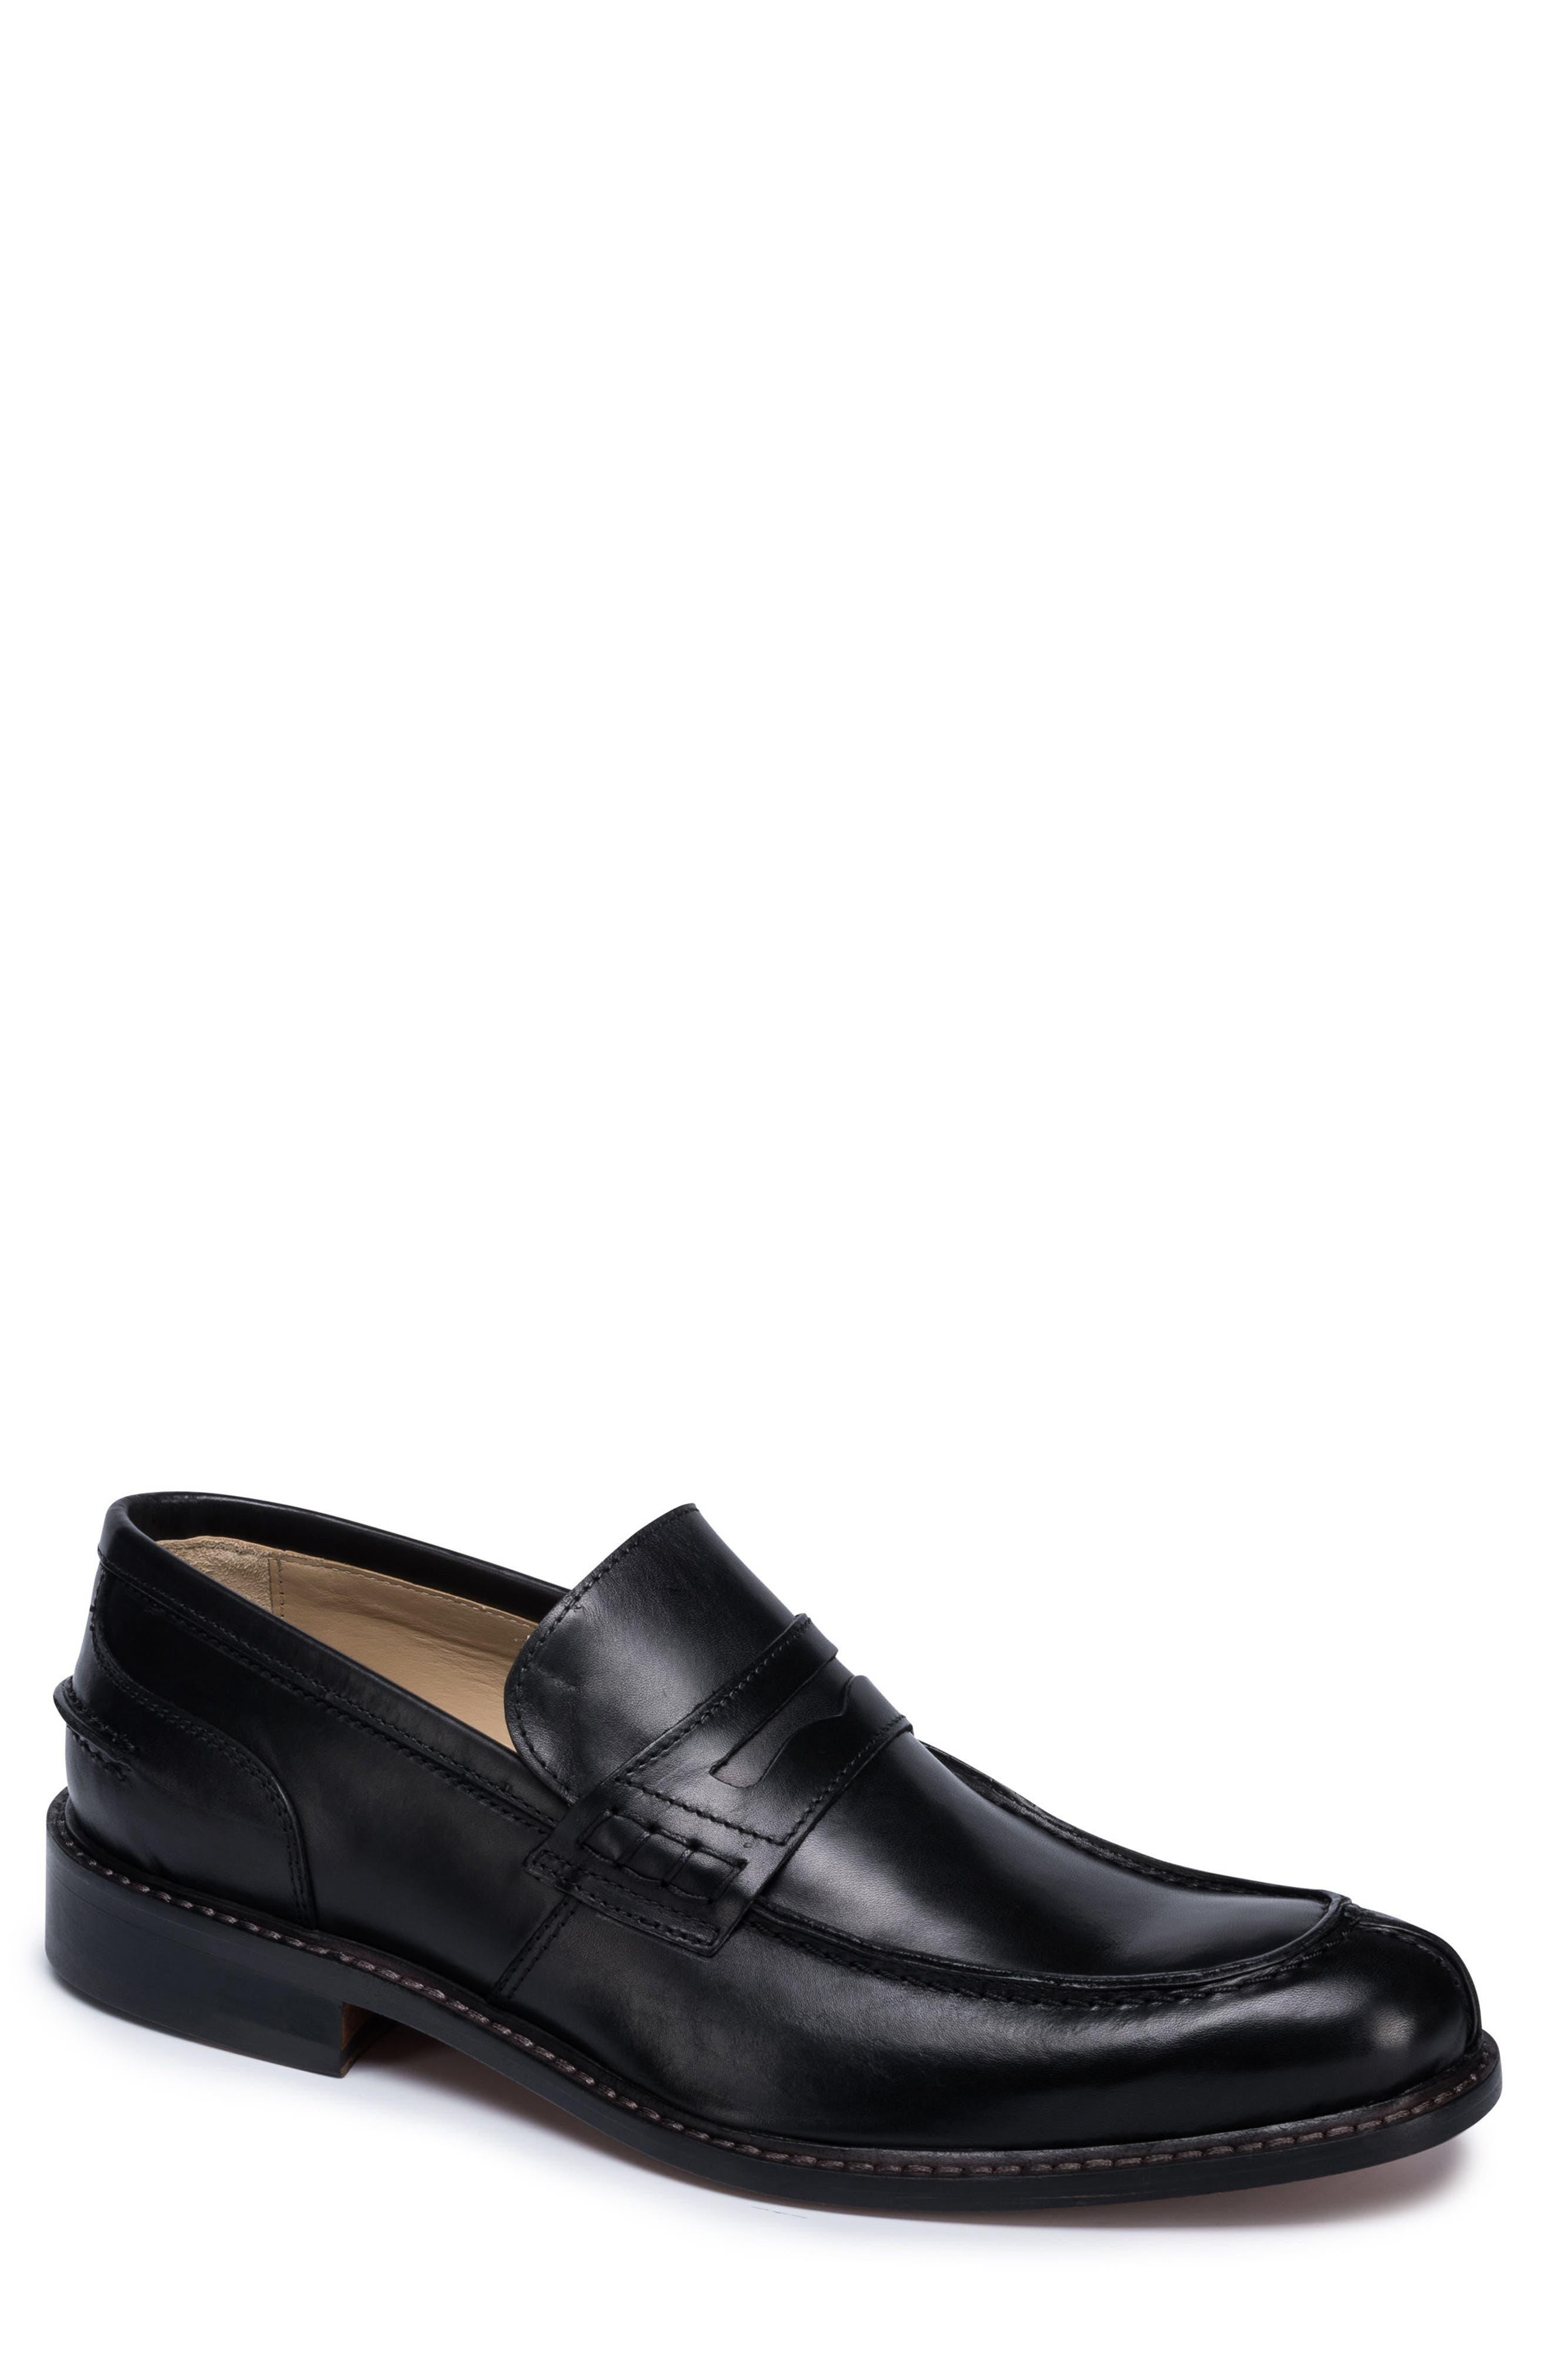 Alternate Image 1 Selected - Bugatchi Apron Toe Penny Loafer (Men)